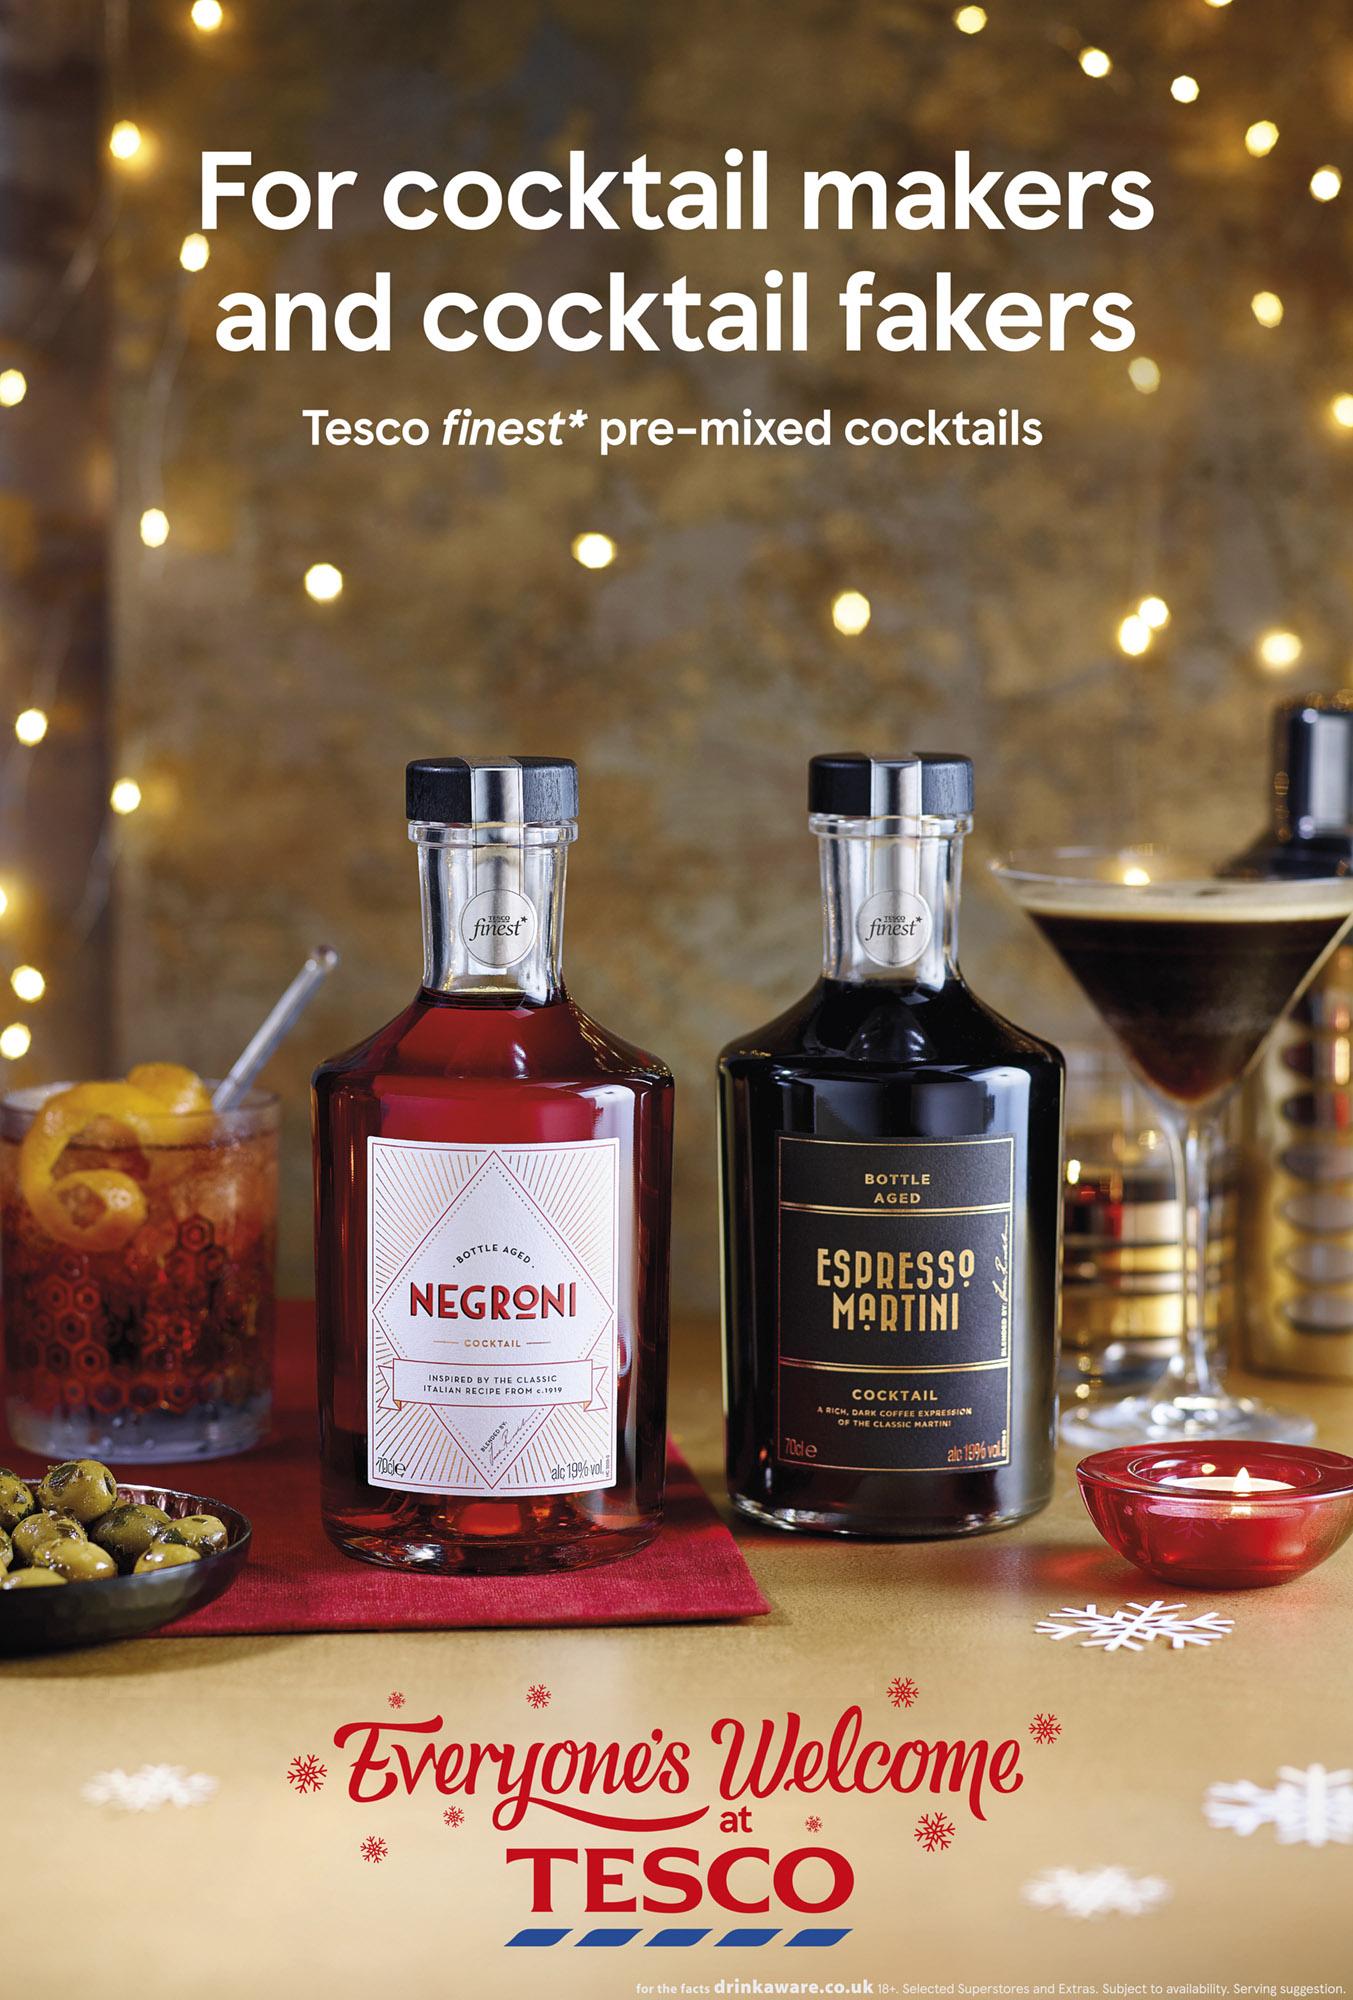 TA-Tesco-Christmas2017-Cocktails-6sht(adobe).jpg